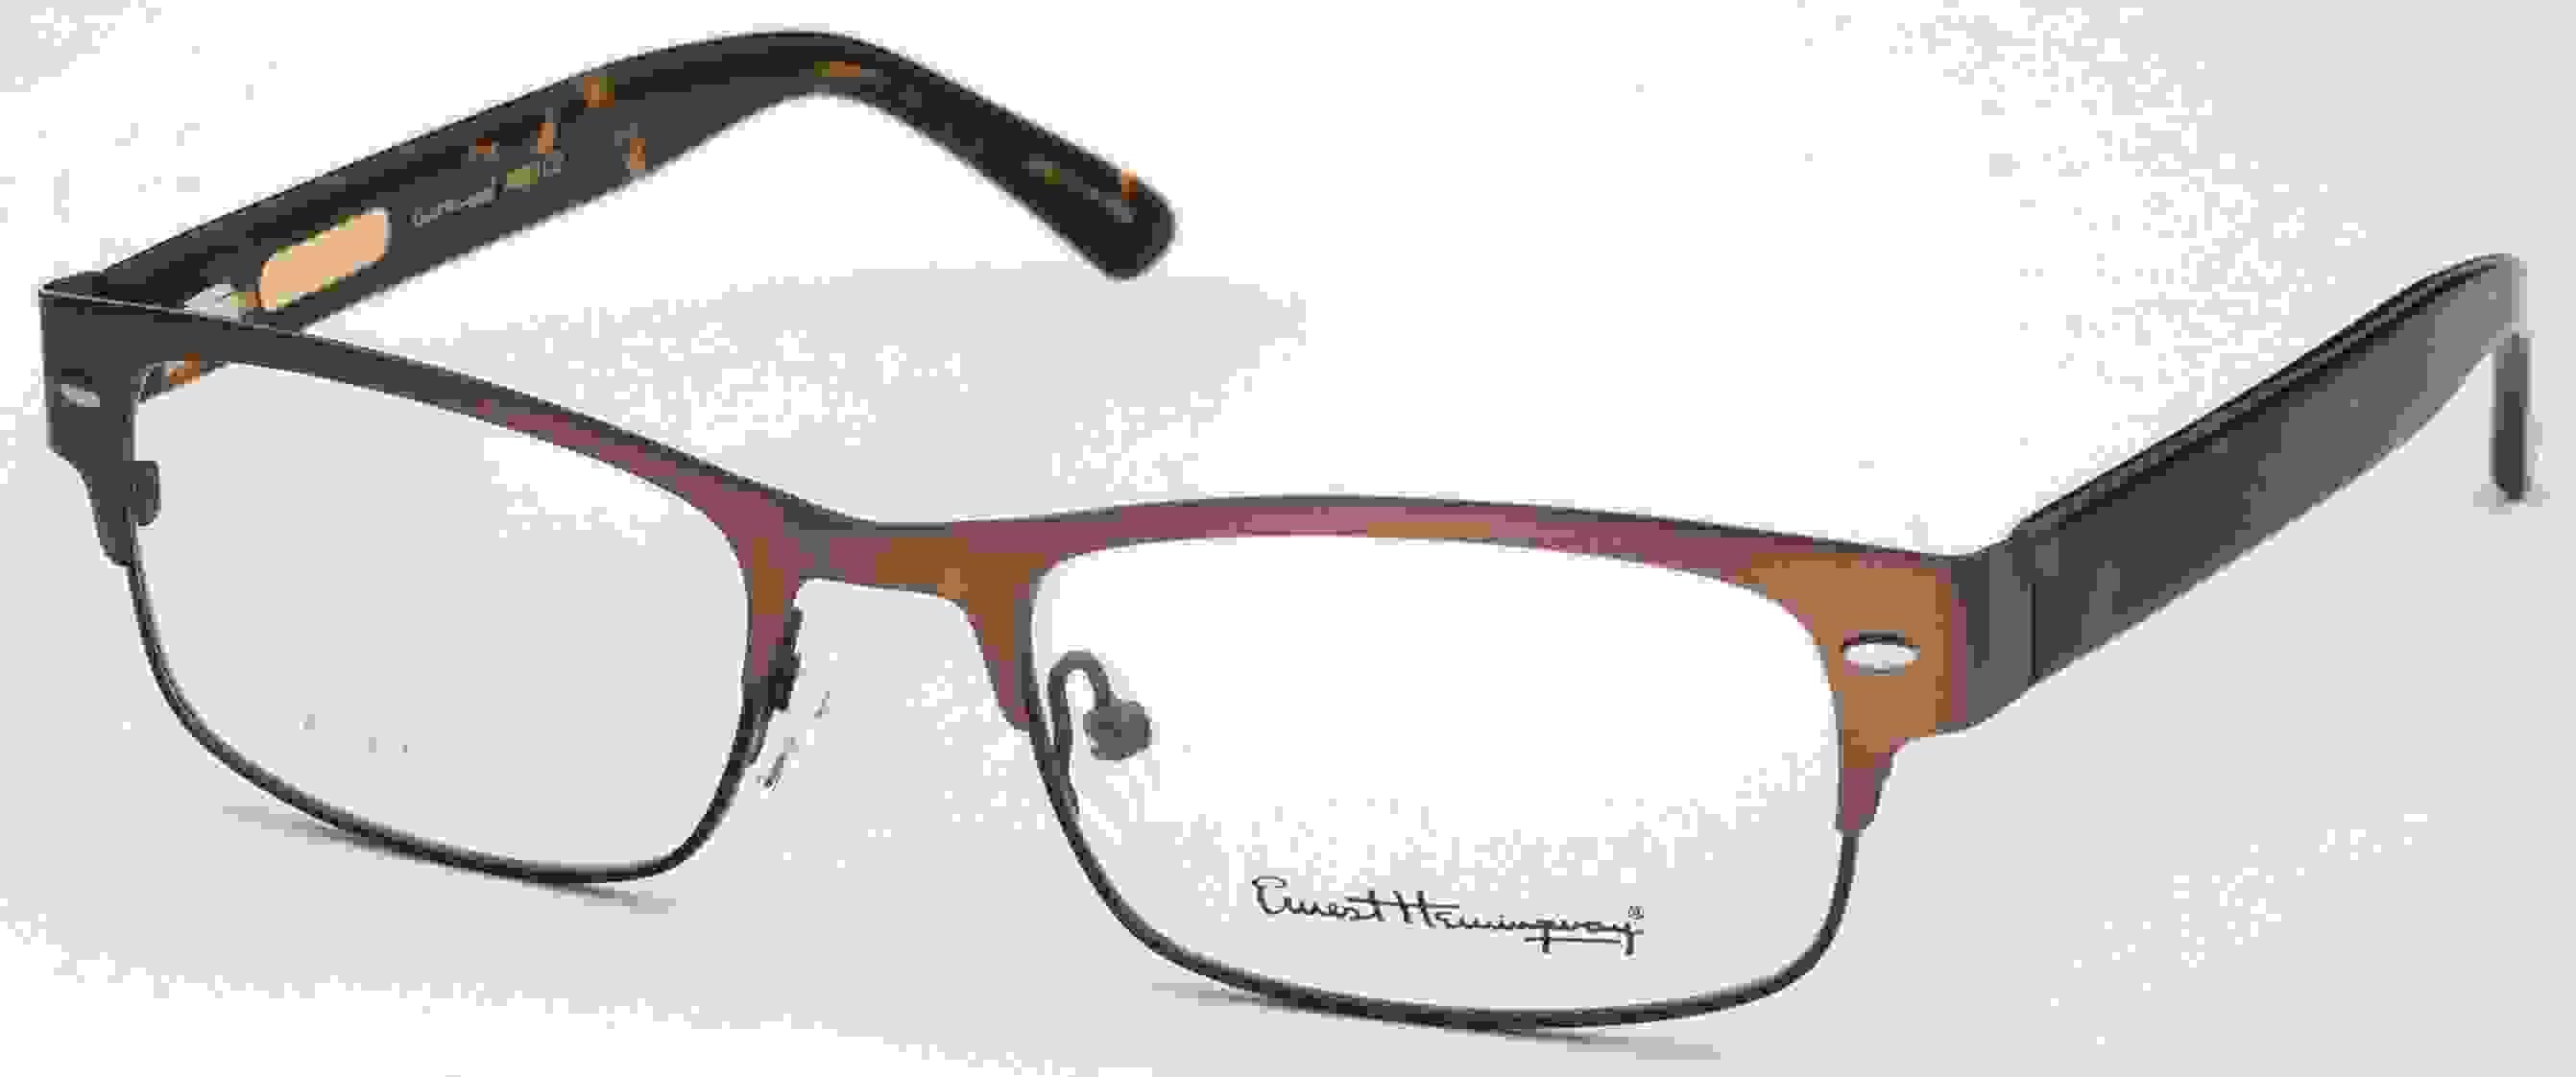 e4572aec72 Eyeglasses  Brand Ernest Hemingway Lifetime-Eyecare.com has the most ...